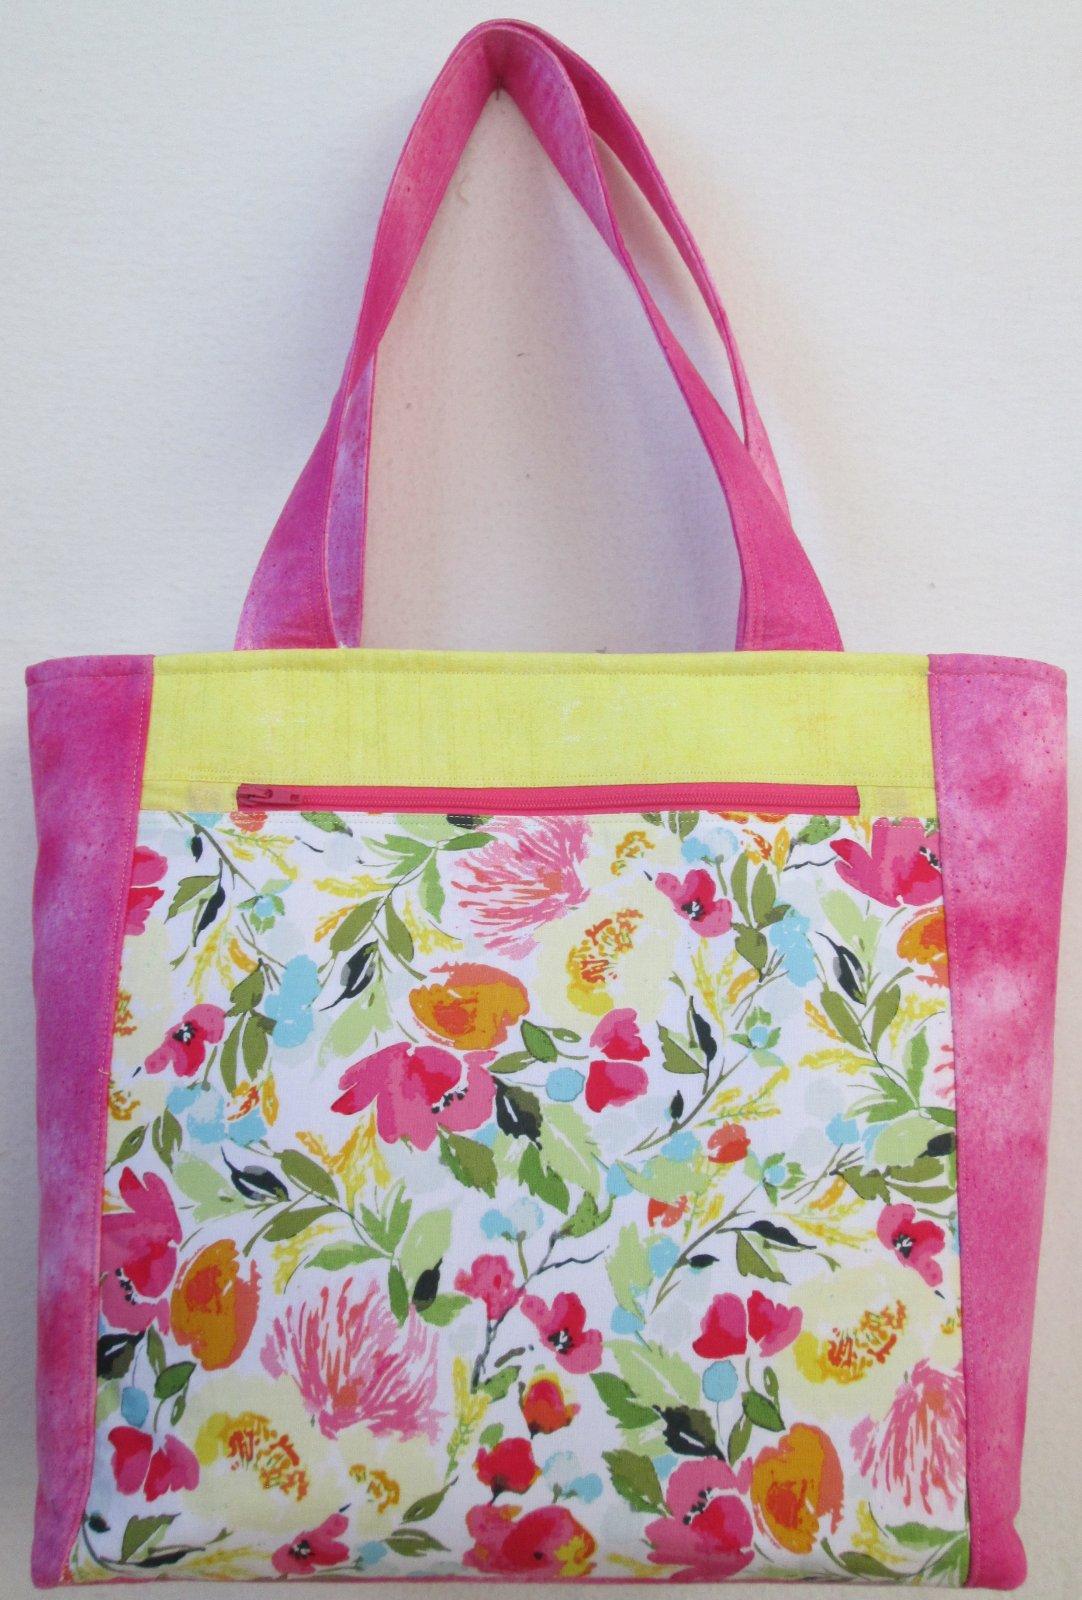 Sweet Melody Hanalei Handbag Kit